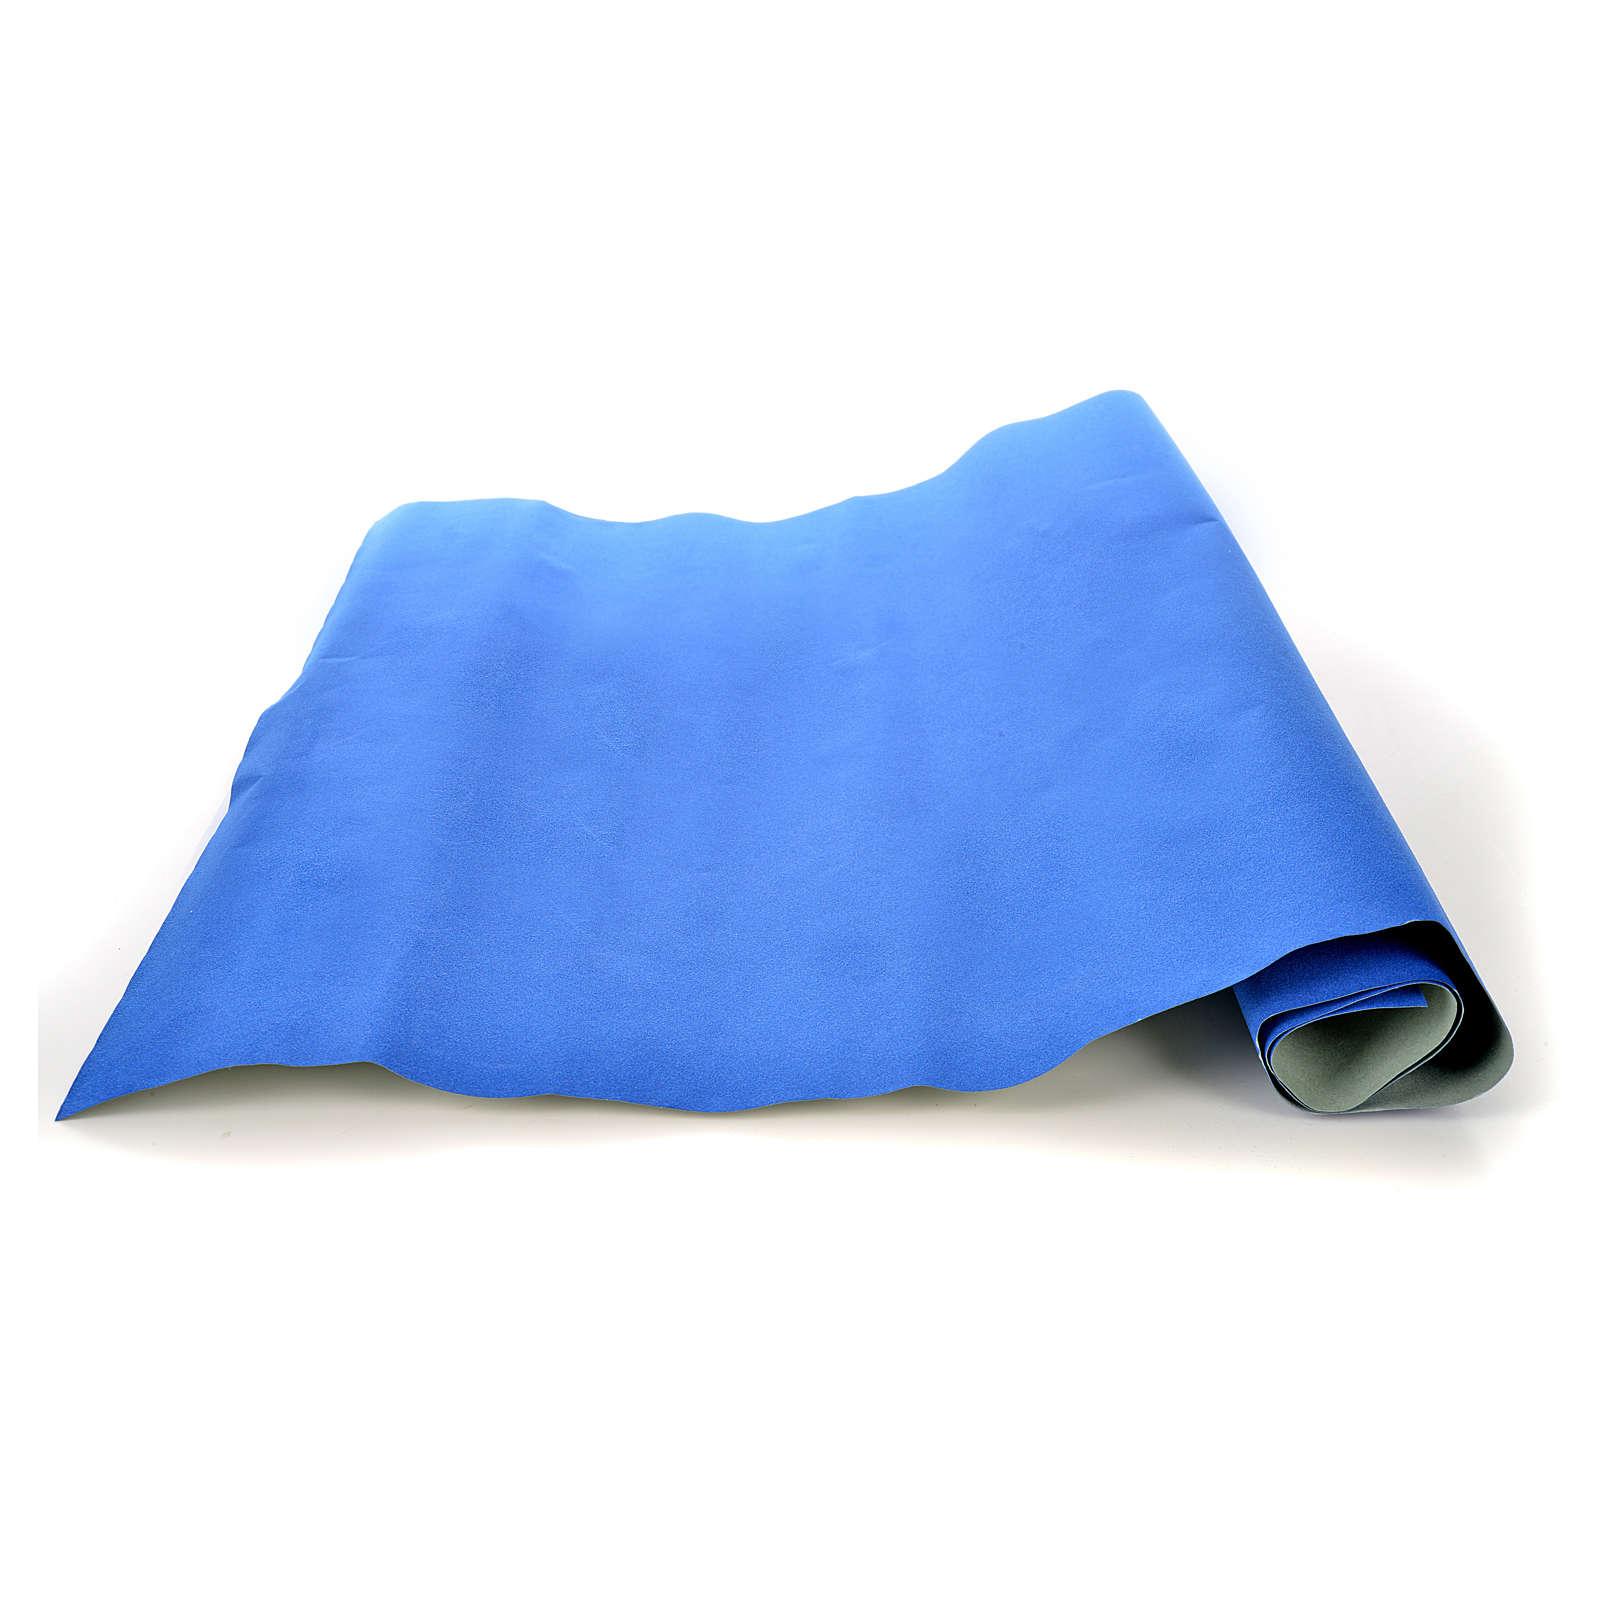 Nativity scene backdrop, roll of velvet blue paper 70 x 50cm 4